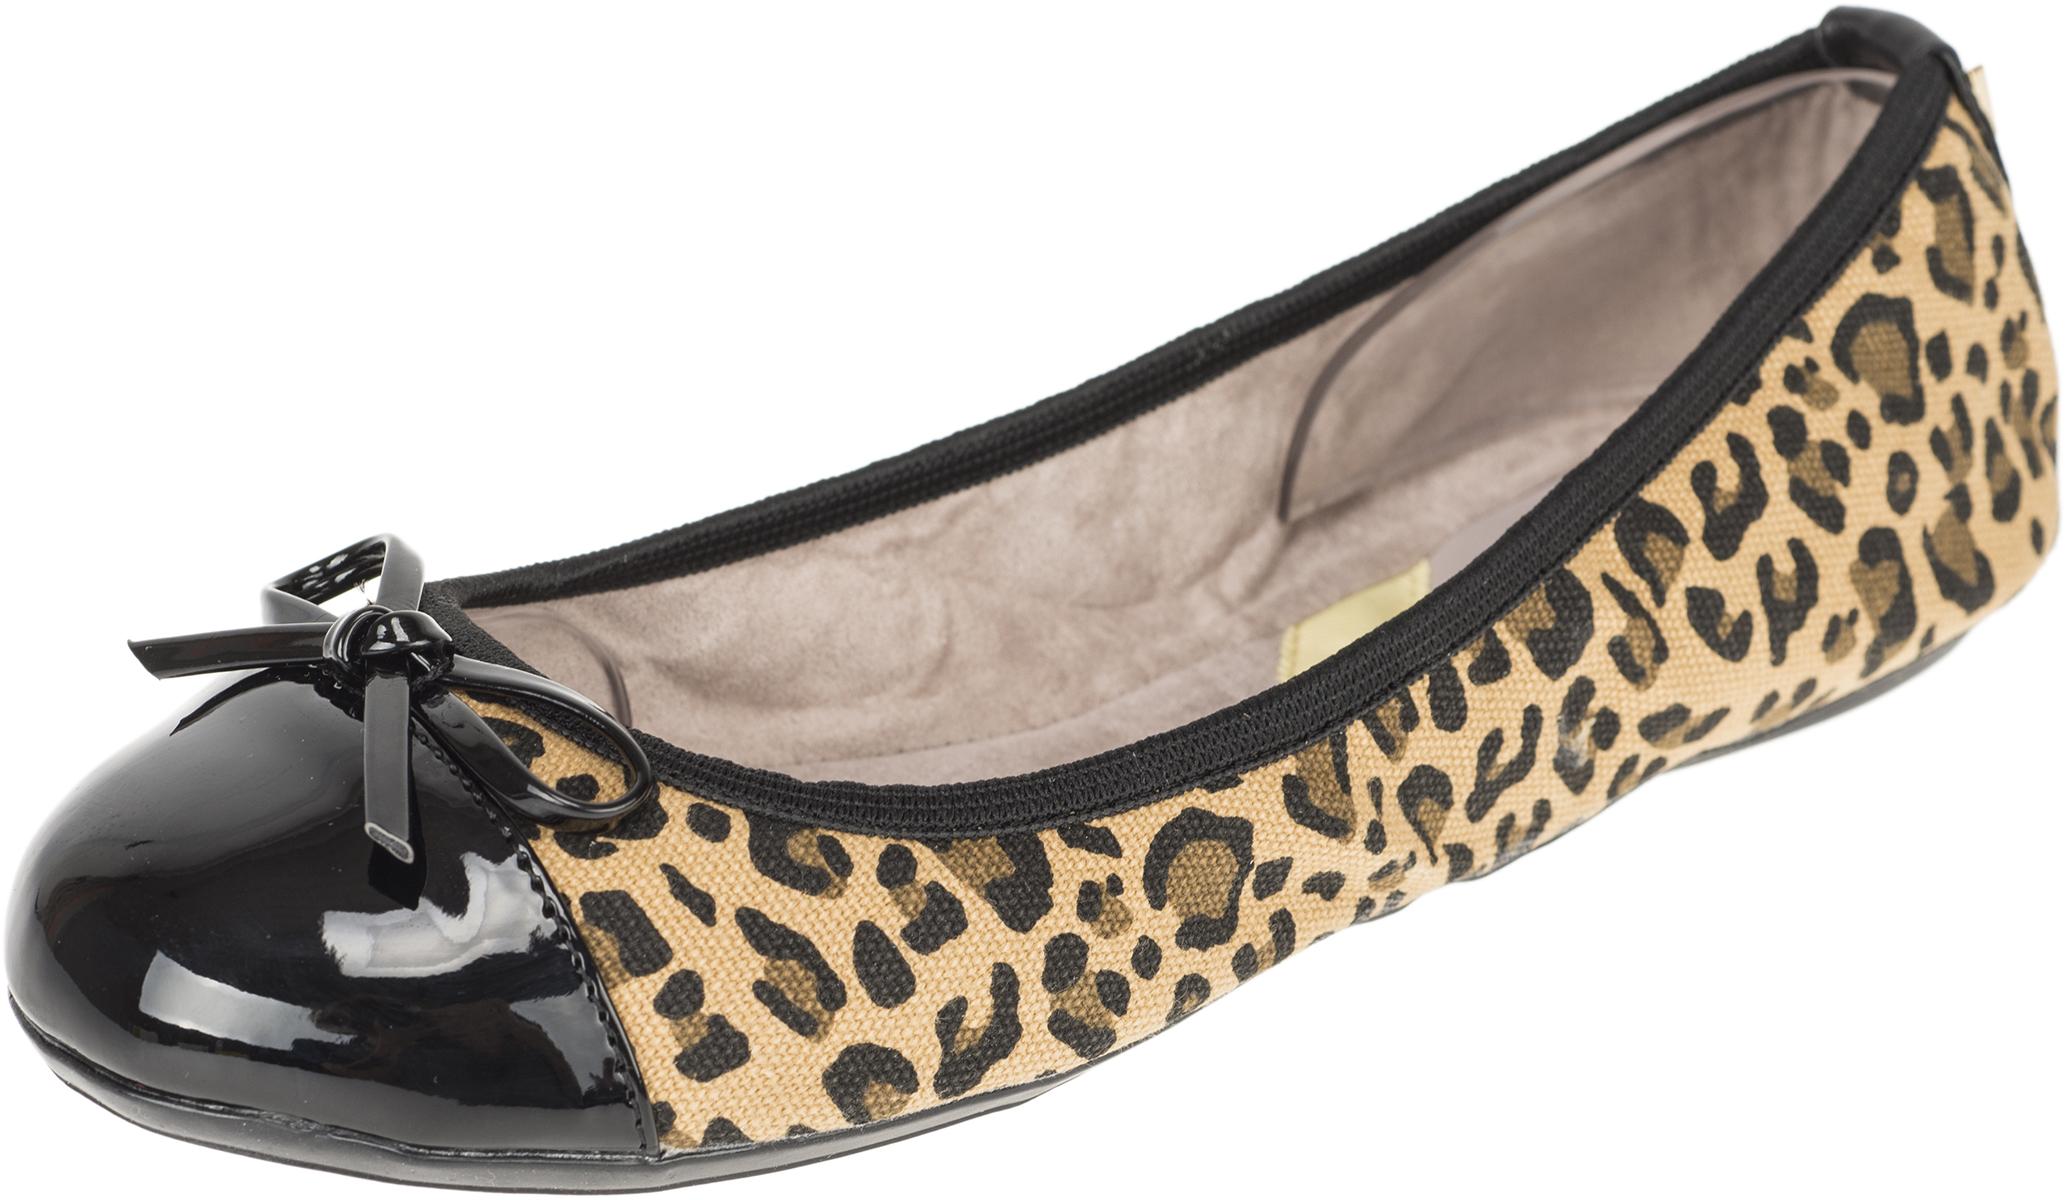 Wildflower Roide 06 Black, Schuhe, Absatzschuhe, Sandaletten mit niedrigem Absatz, Beige, Braun, Female, 36